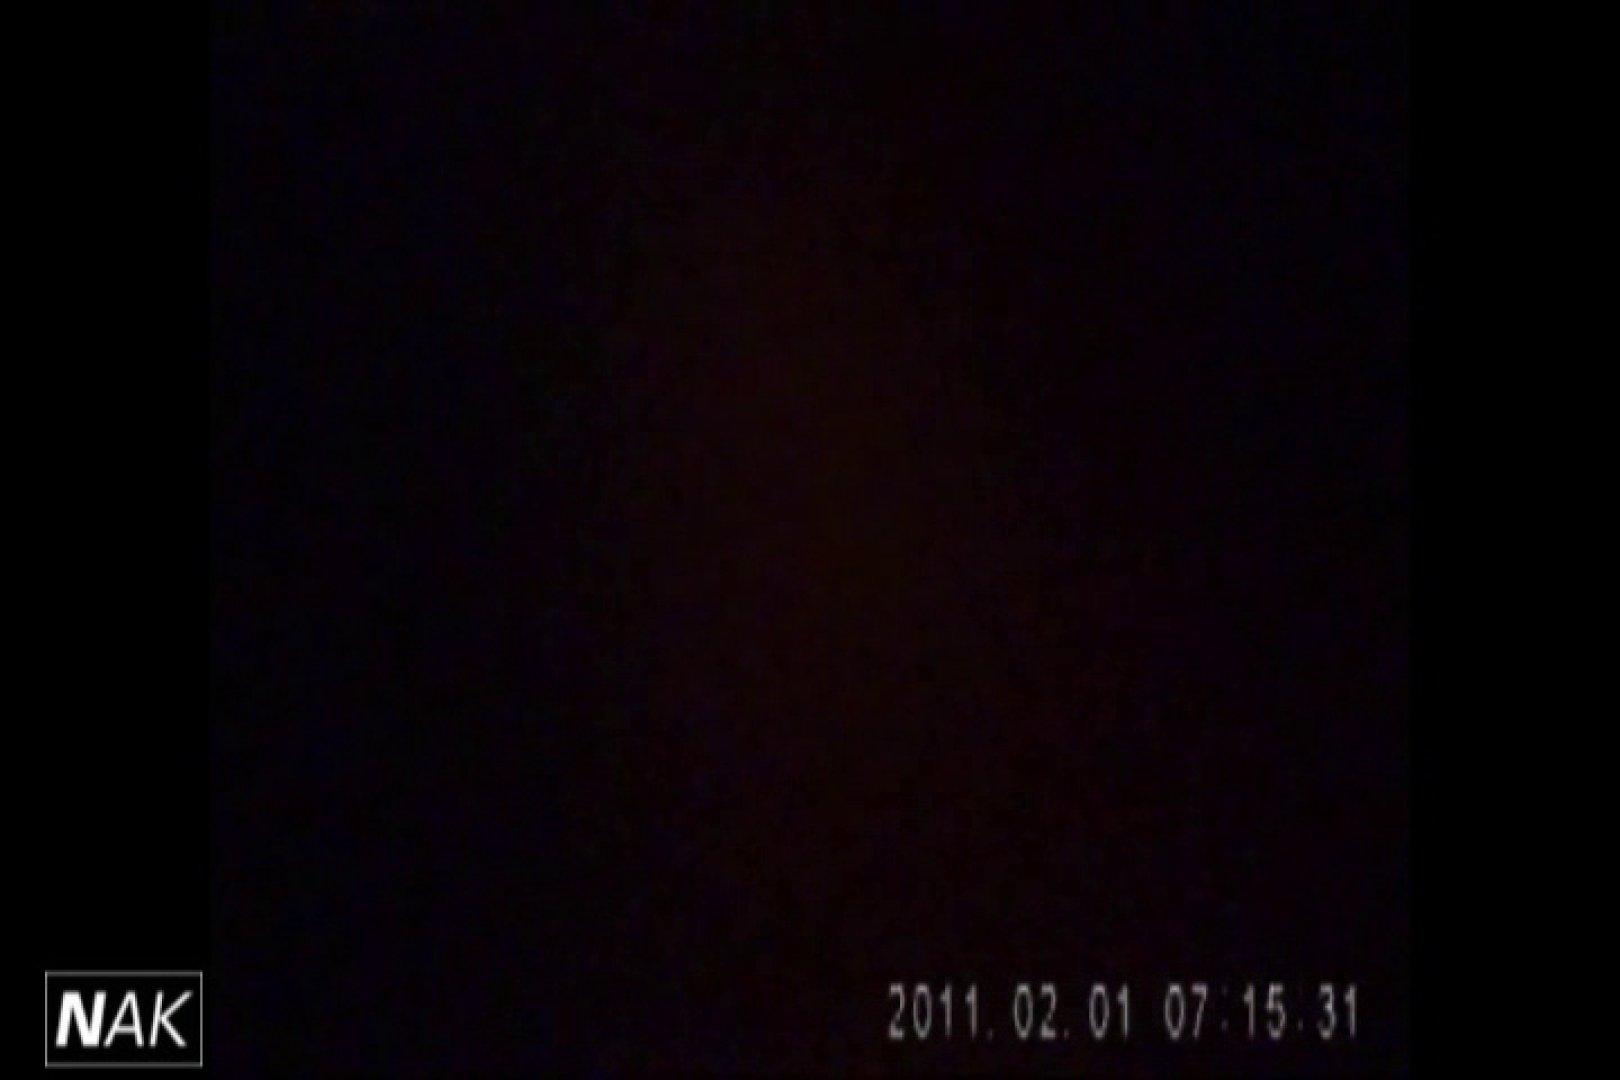 せん八さんの厠観察日記!2点監視カメラ 高画質5000K vol.19 高画質 | 厠  99pic 25